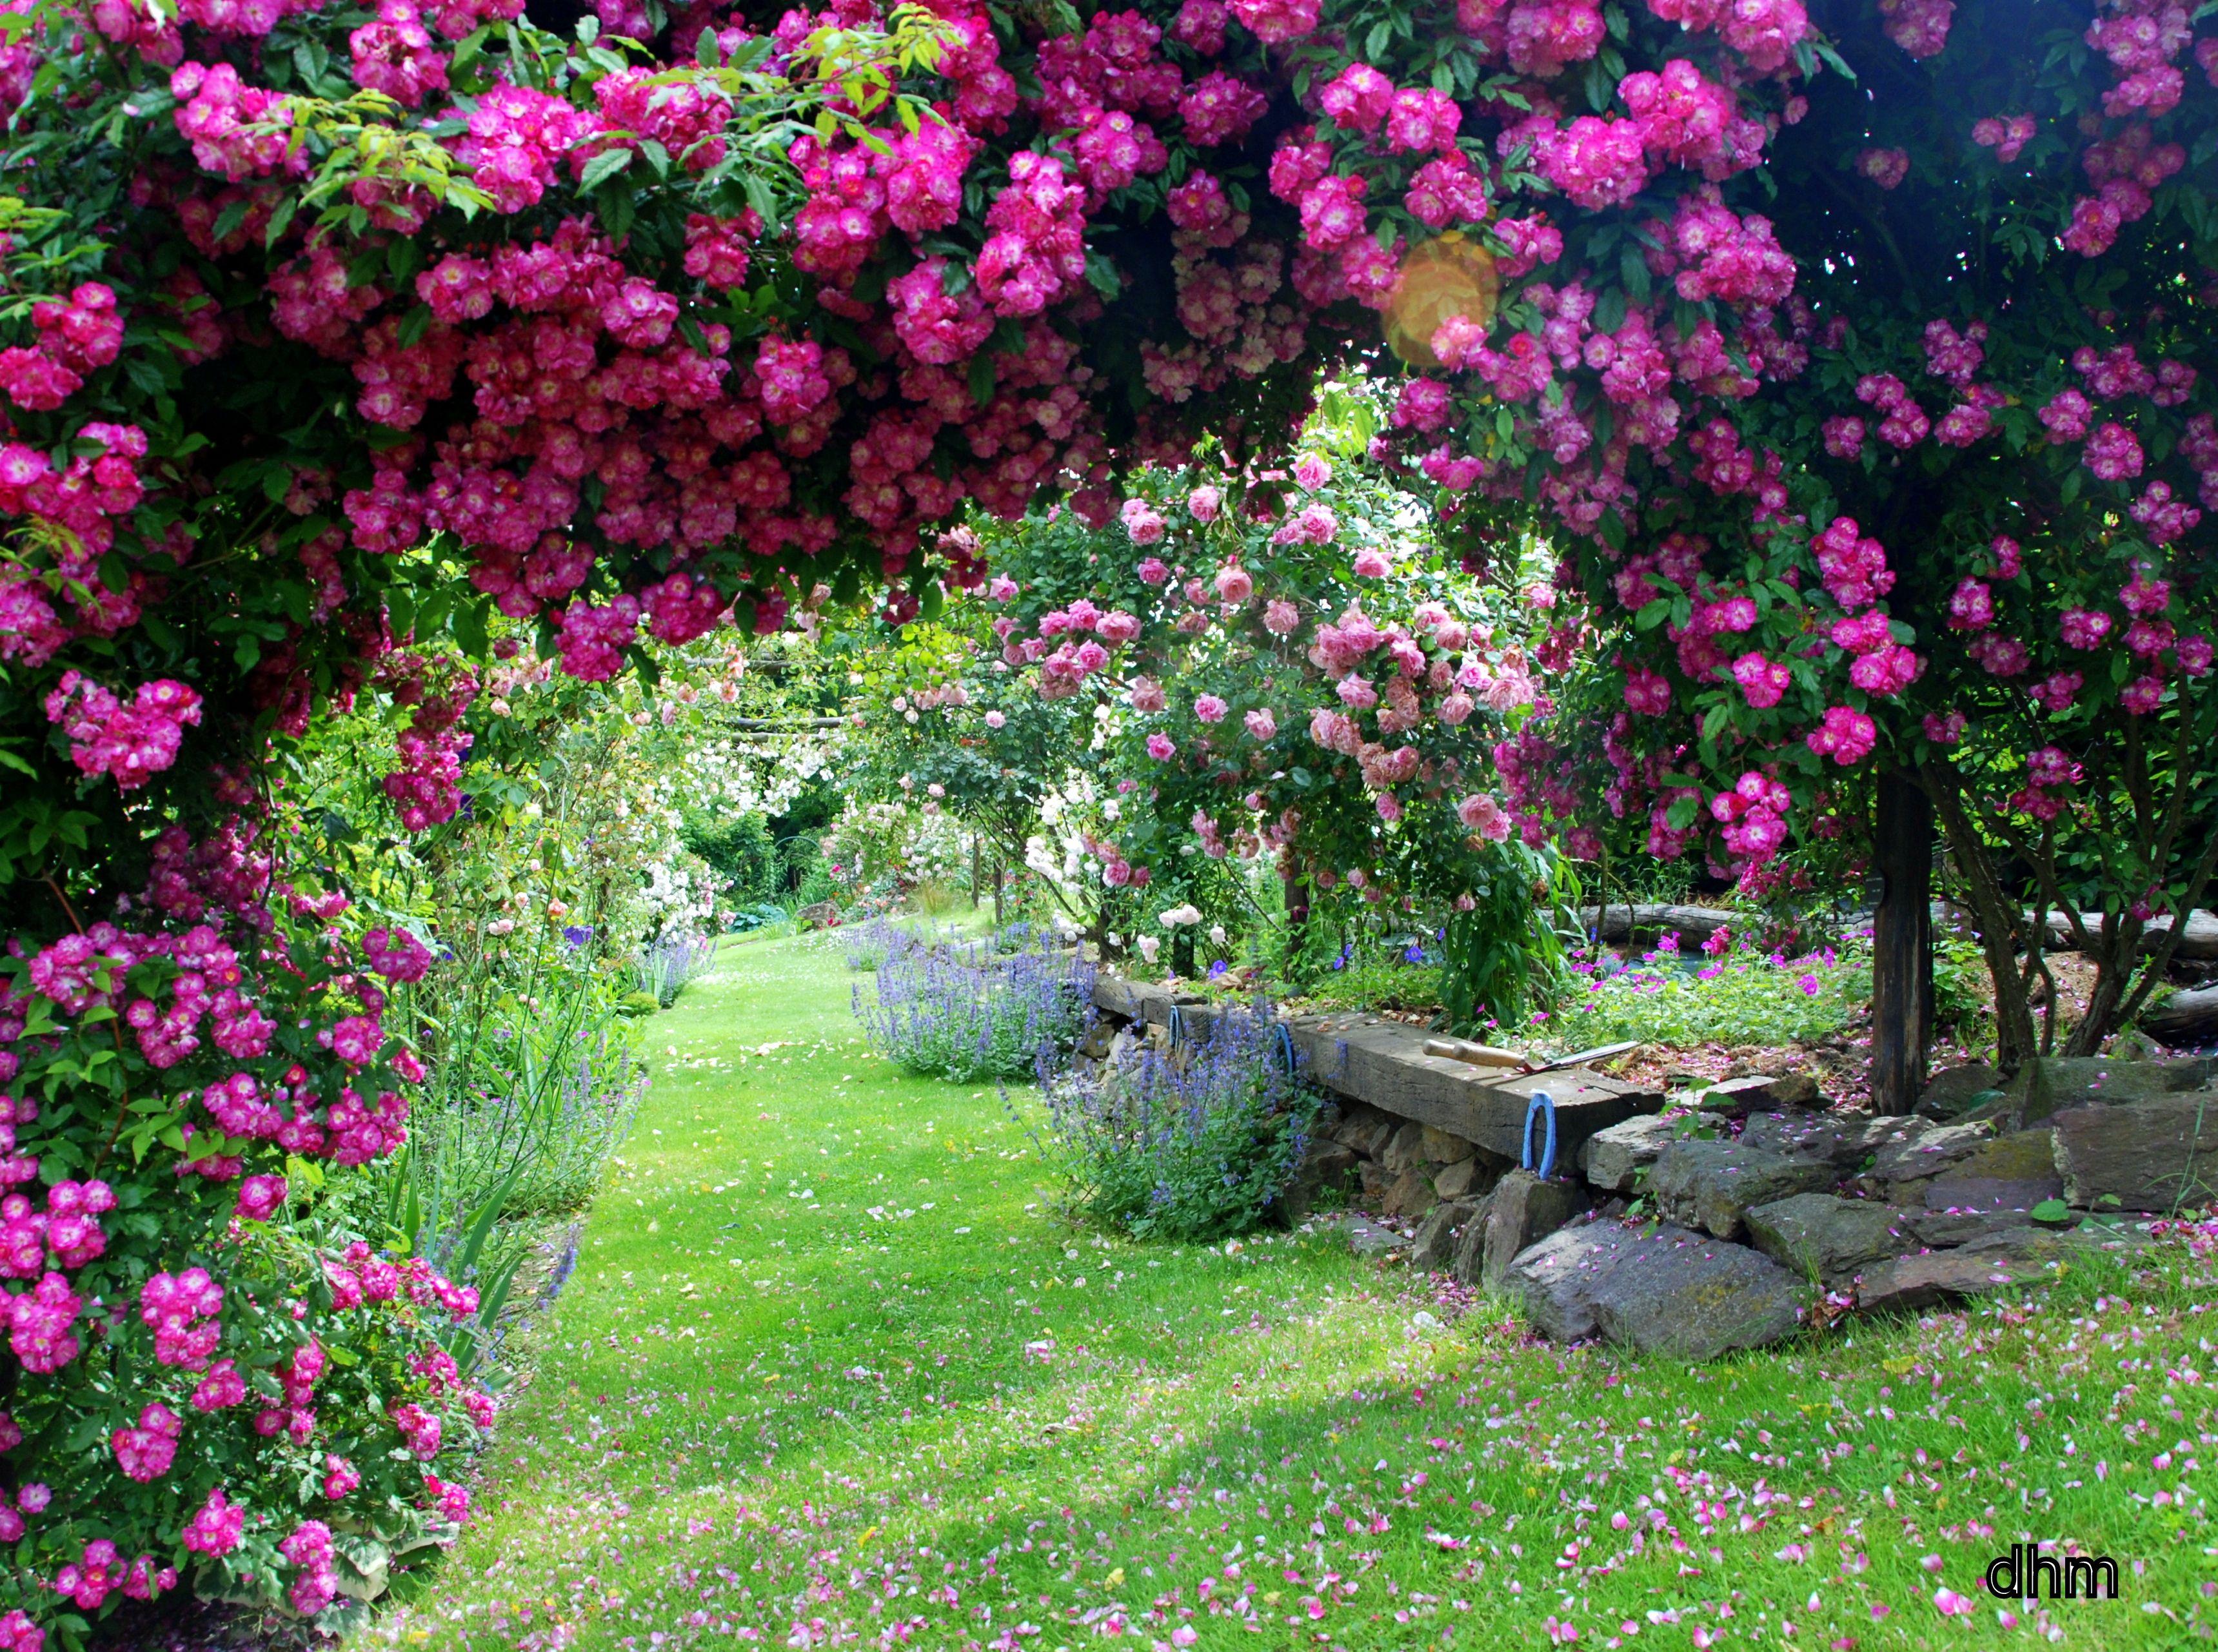 jardin magnifique lilo du jardin au paysage pinterest recherche google fleuri et recherche. Black Bedroom Furniture Sets. Home Design Ideas